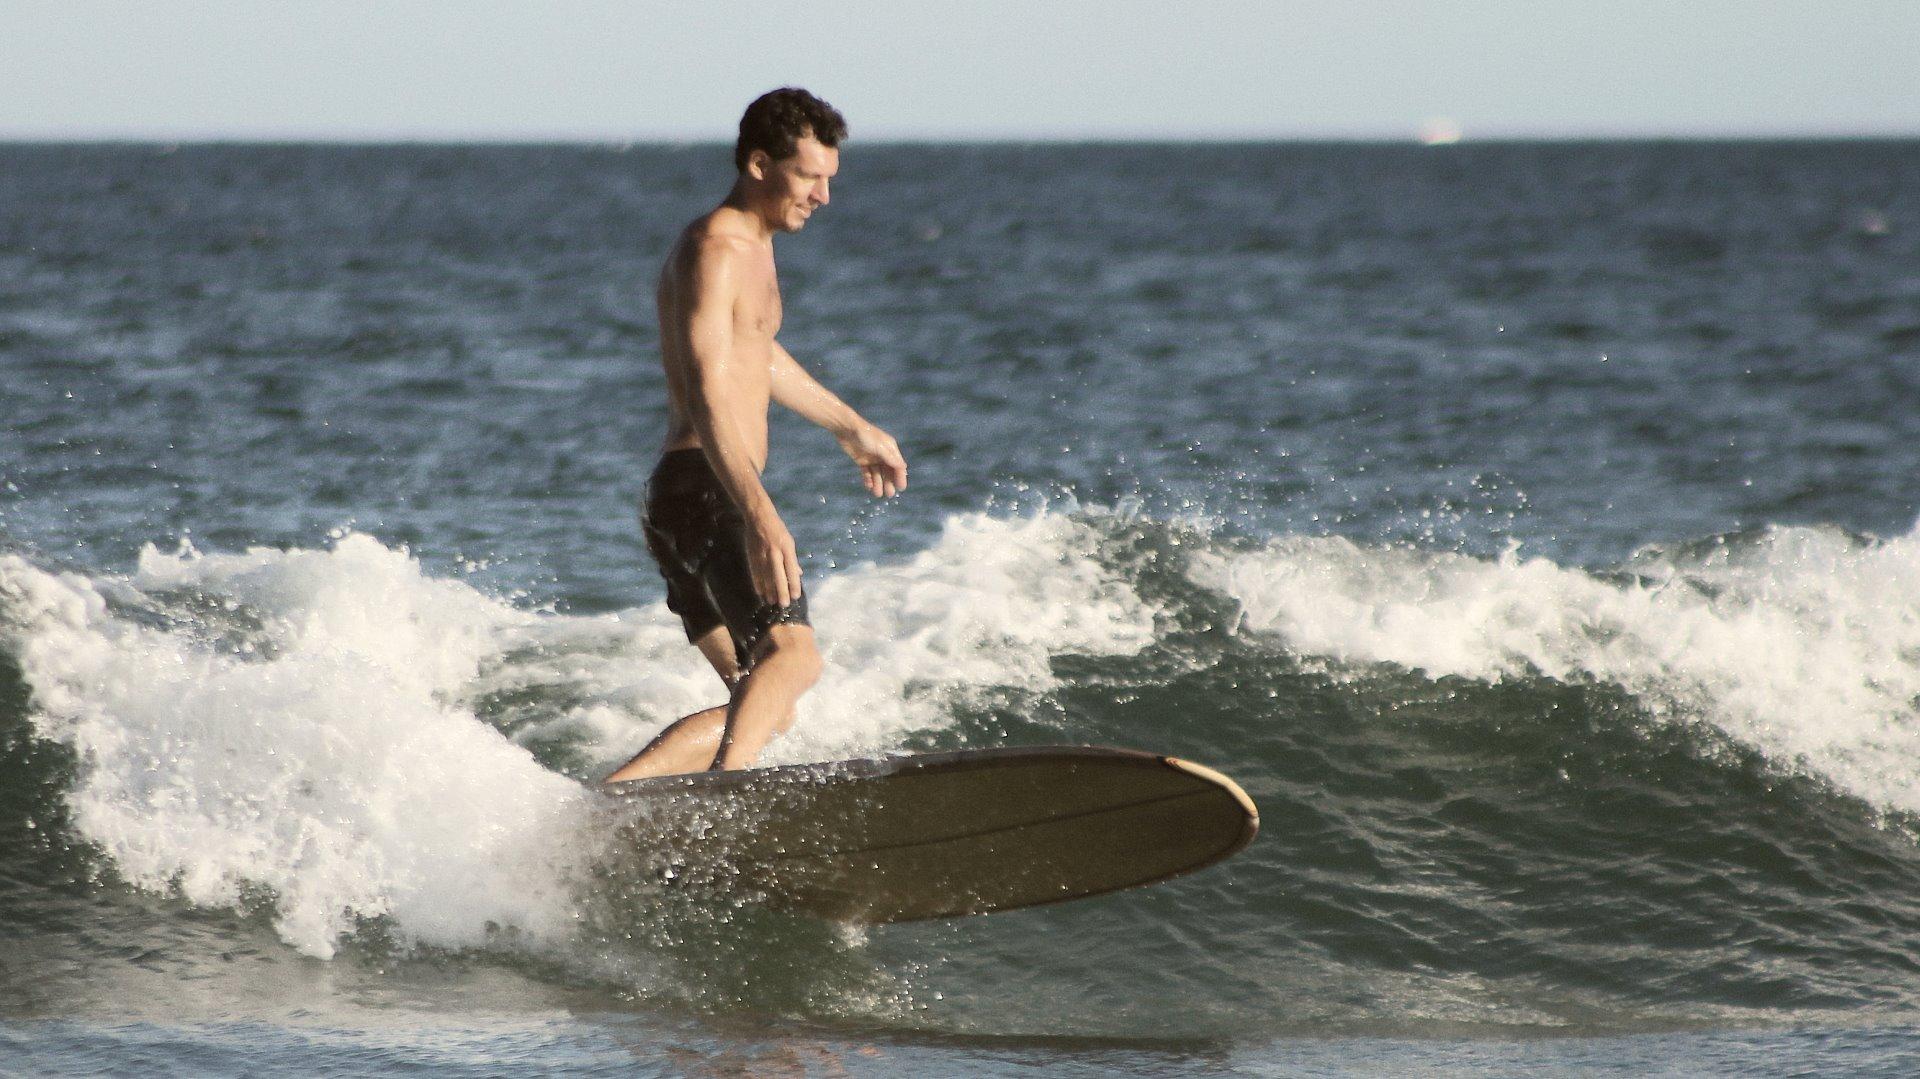 Felipe-longboard-umina-siebert-surfboards-8